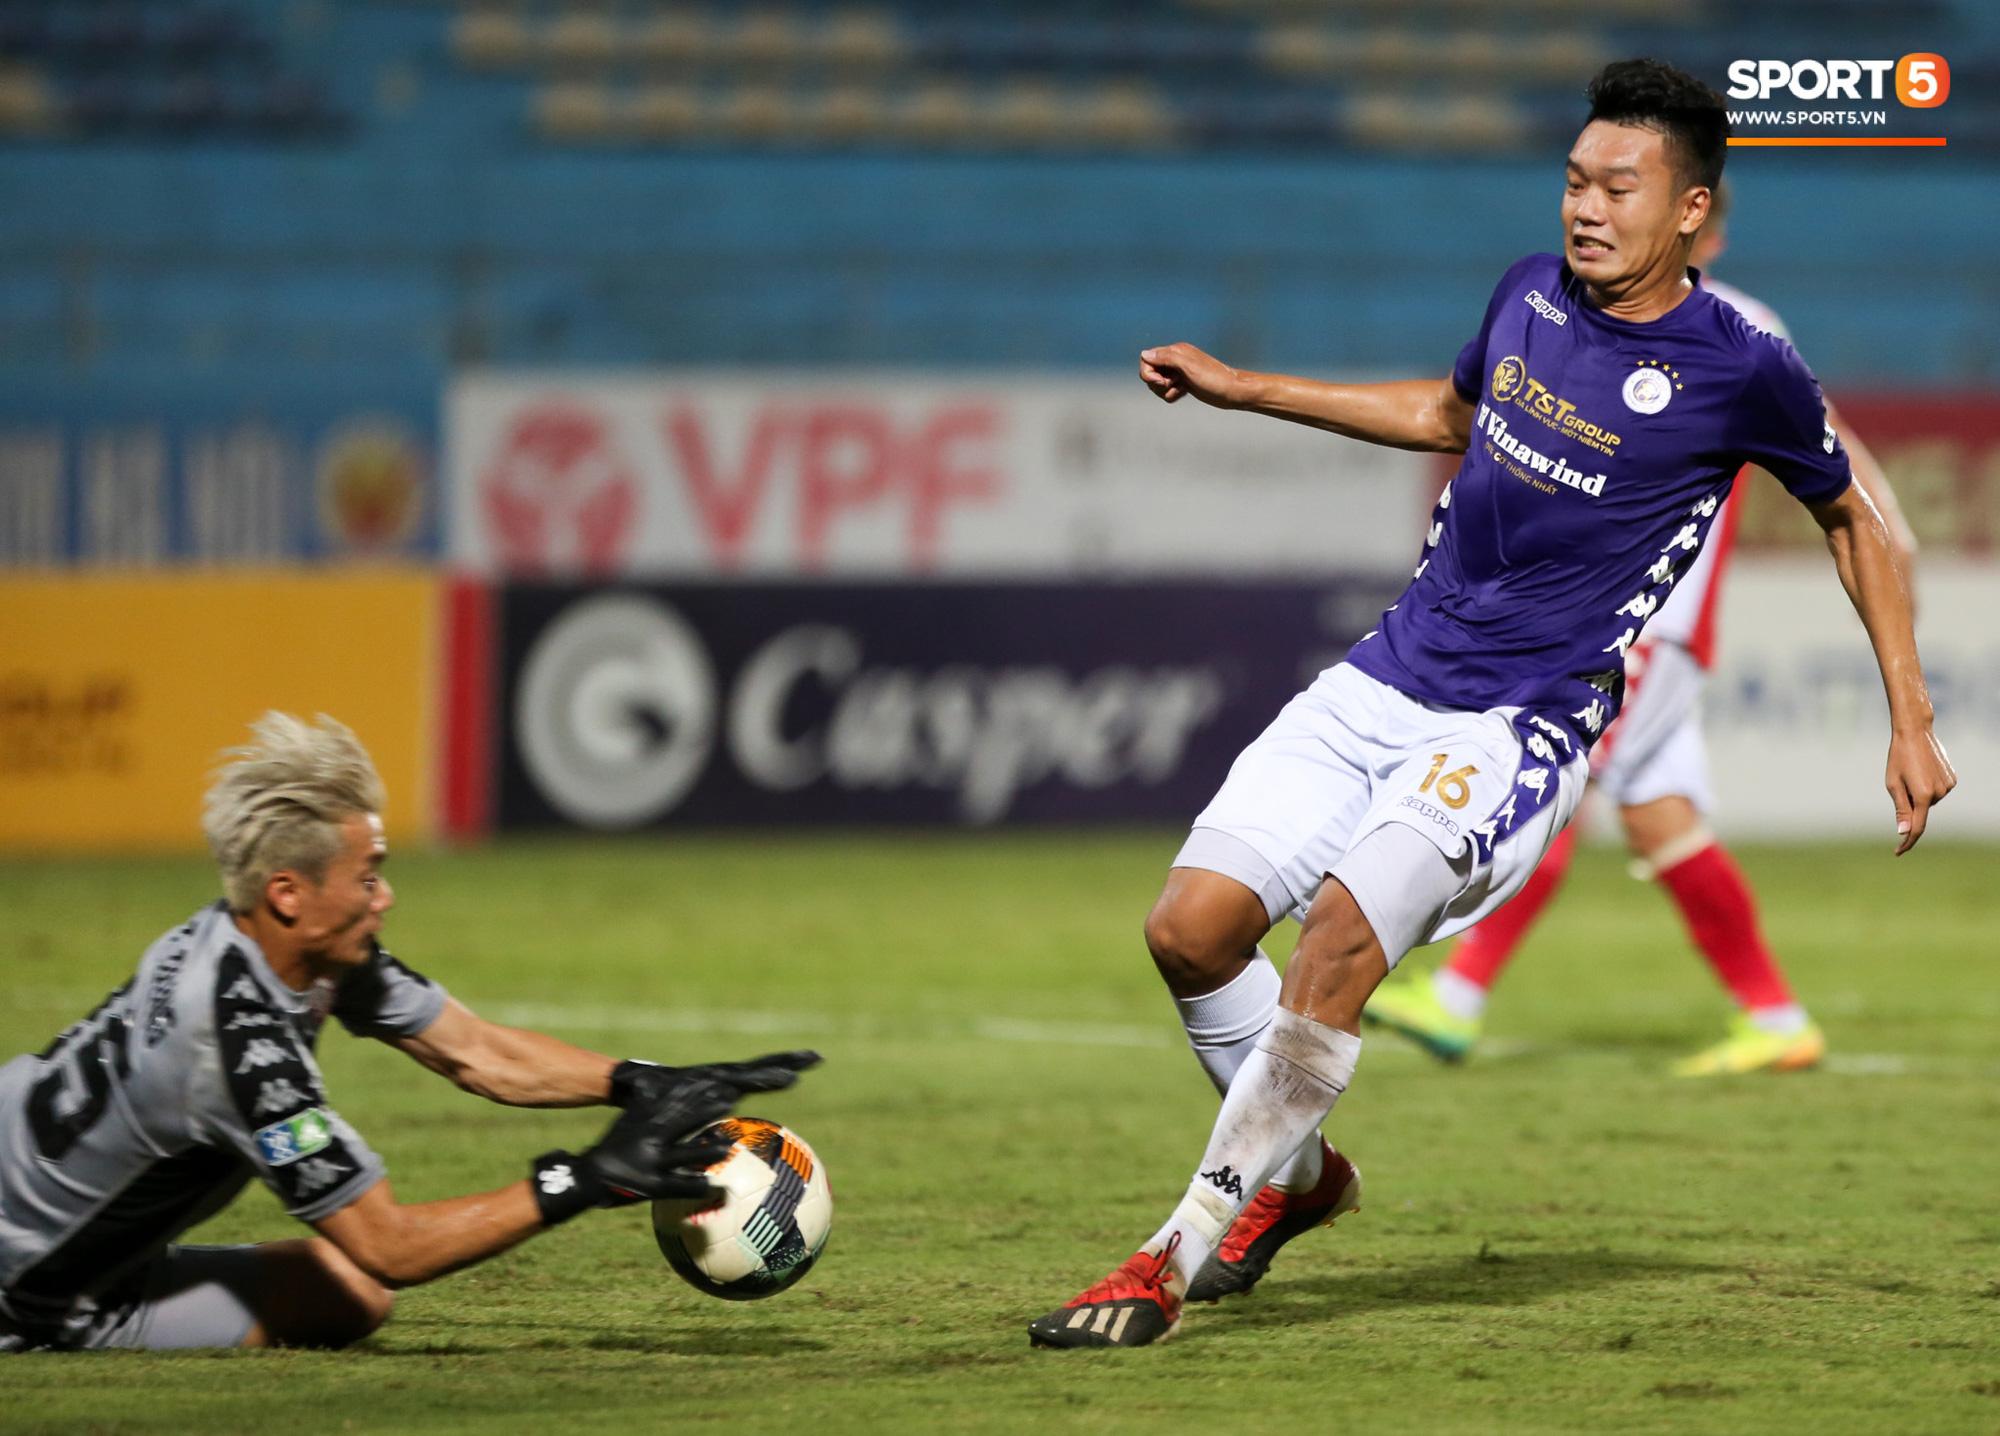 Bùi Tiến Dũng xử lý khiến cầu thủ Hà Nội FC tẽn tò nhưng không che lấp nổi ngày thảm hoạ - Ảnh 5.